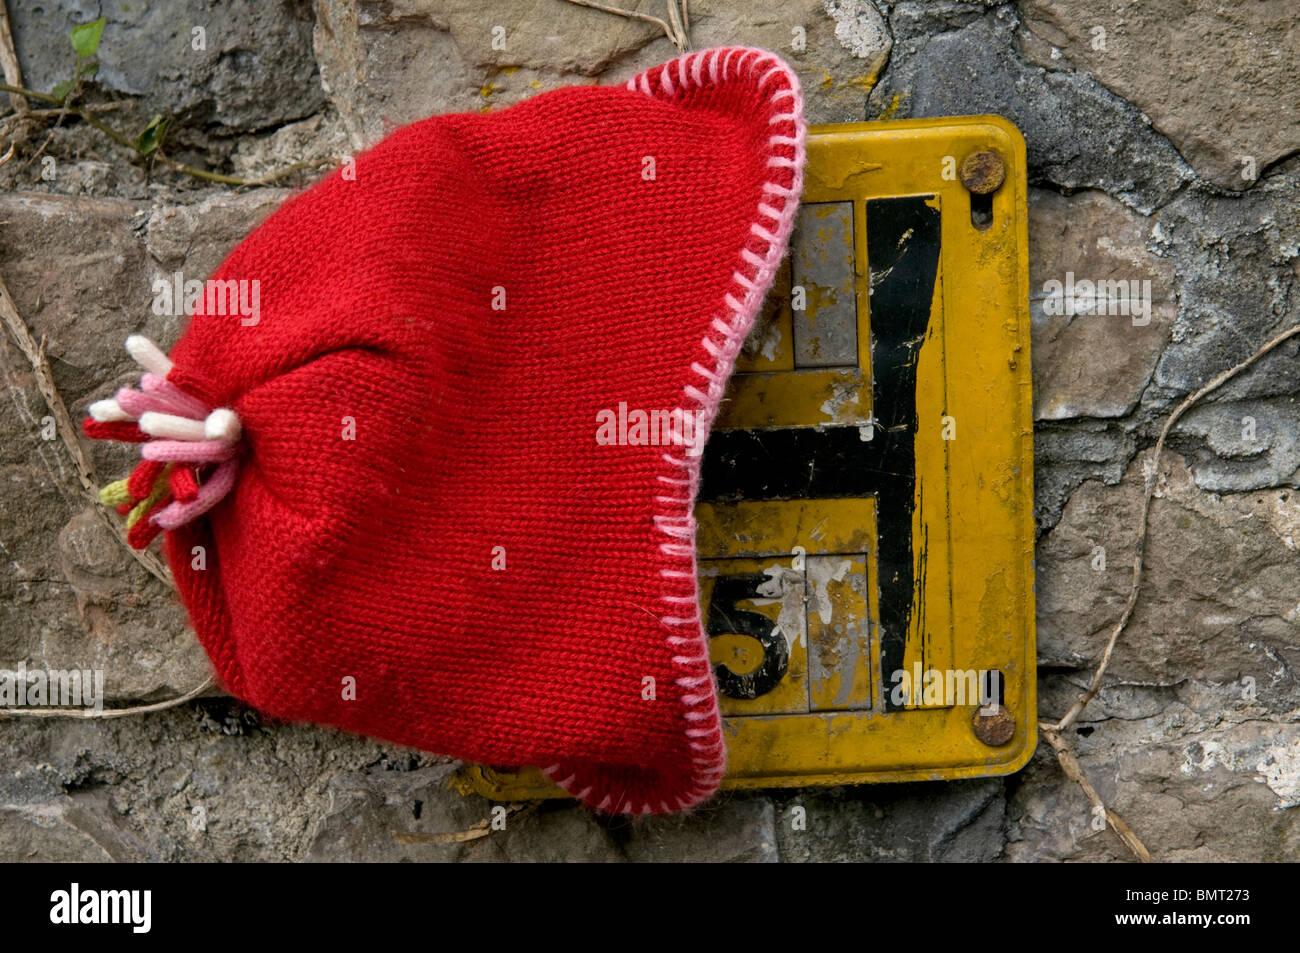 Verlorenen roten Hut platziert auf einem Hydranten-Schild Stockbild